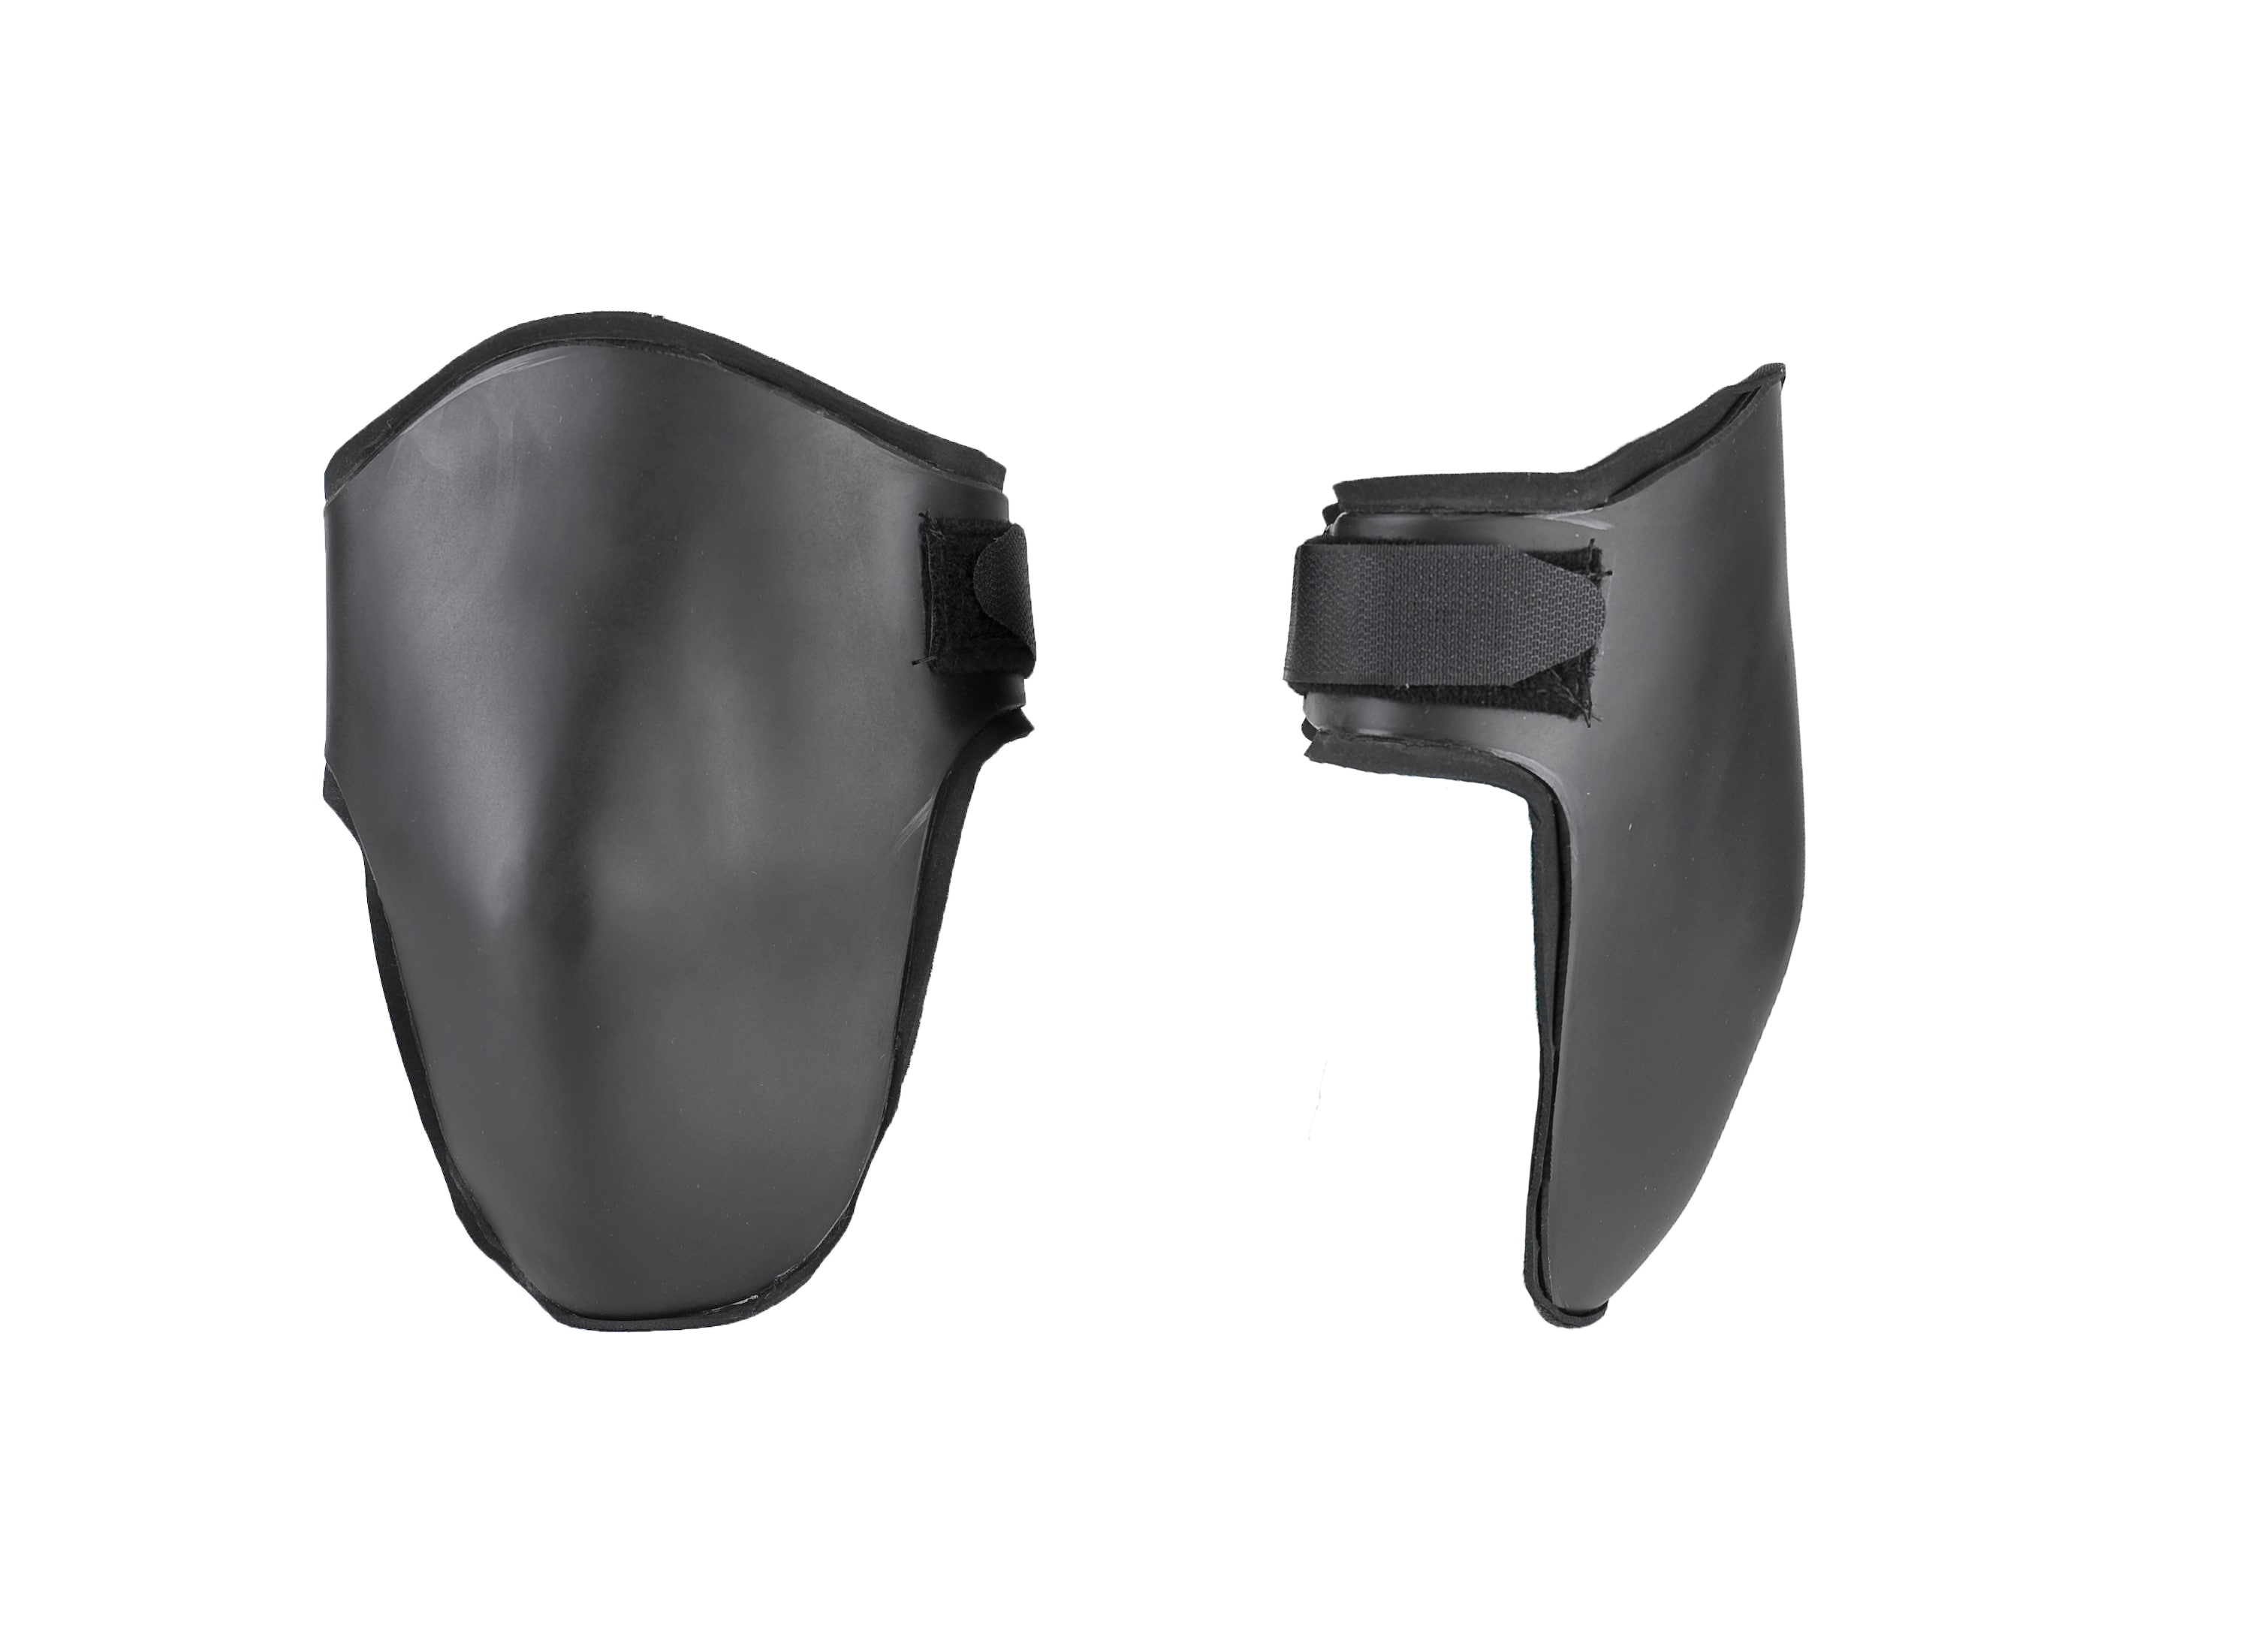 Protecto tette knebelegg med borrelås